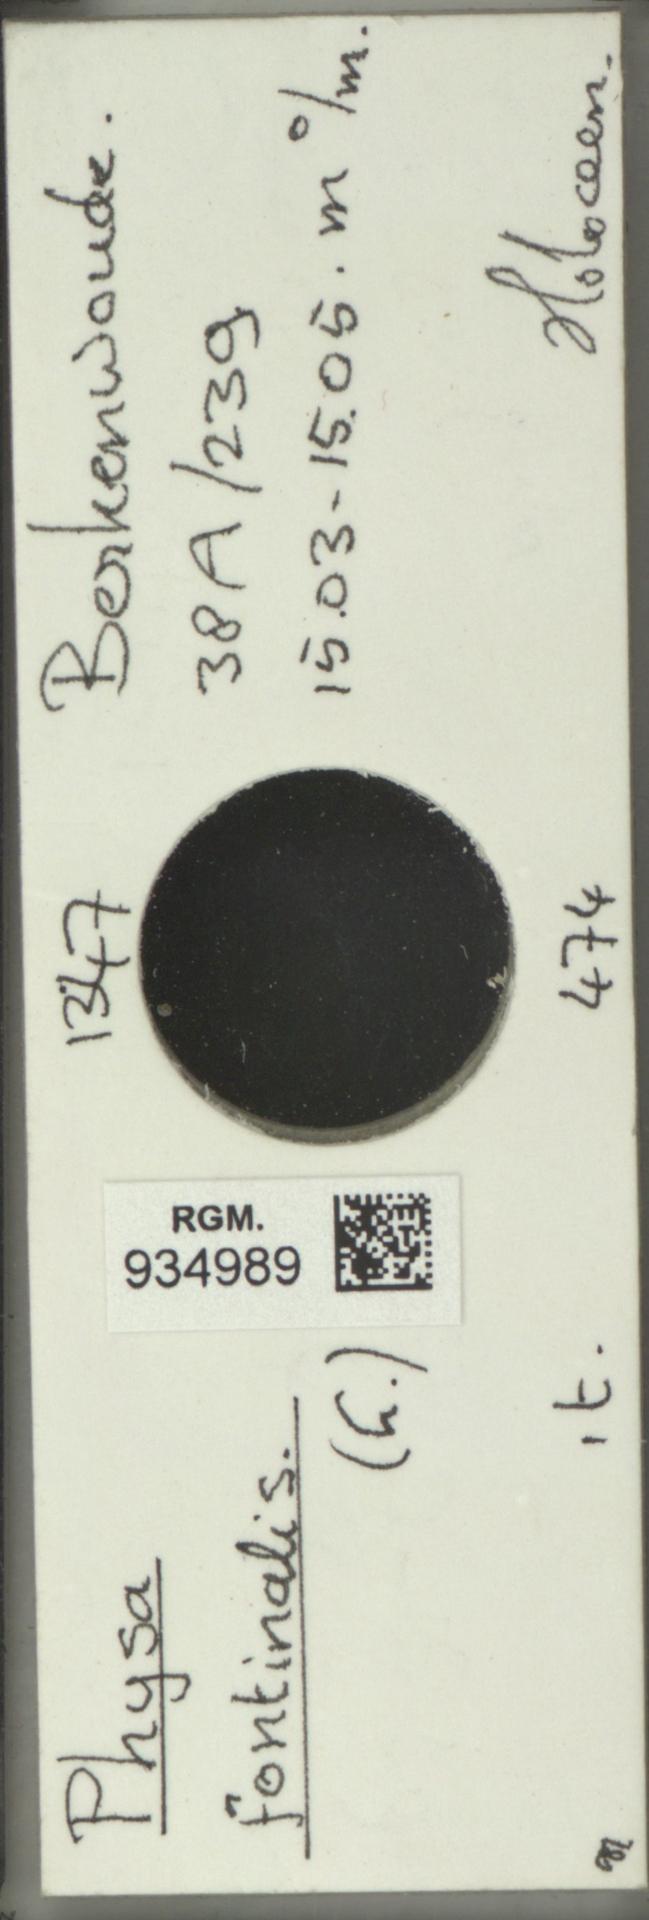 RGM.934989 | Physa fontinalis Linné